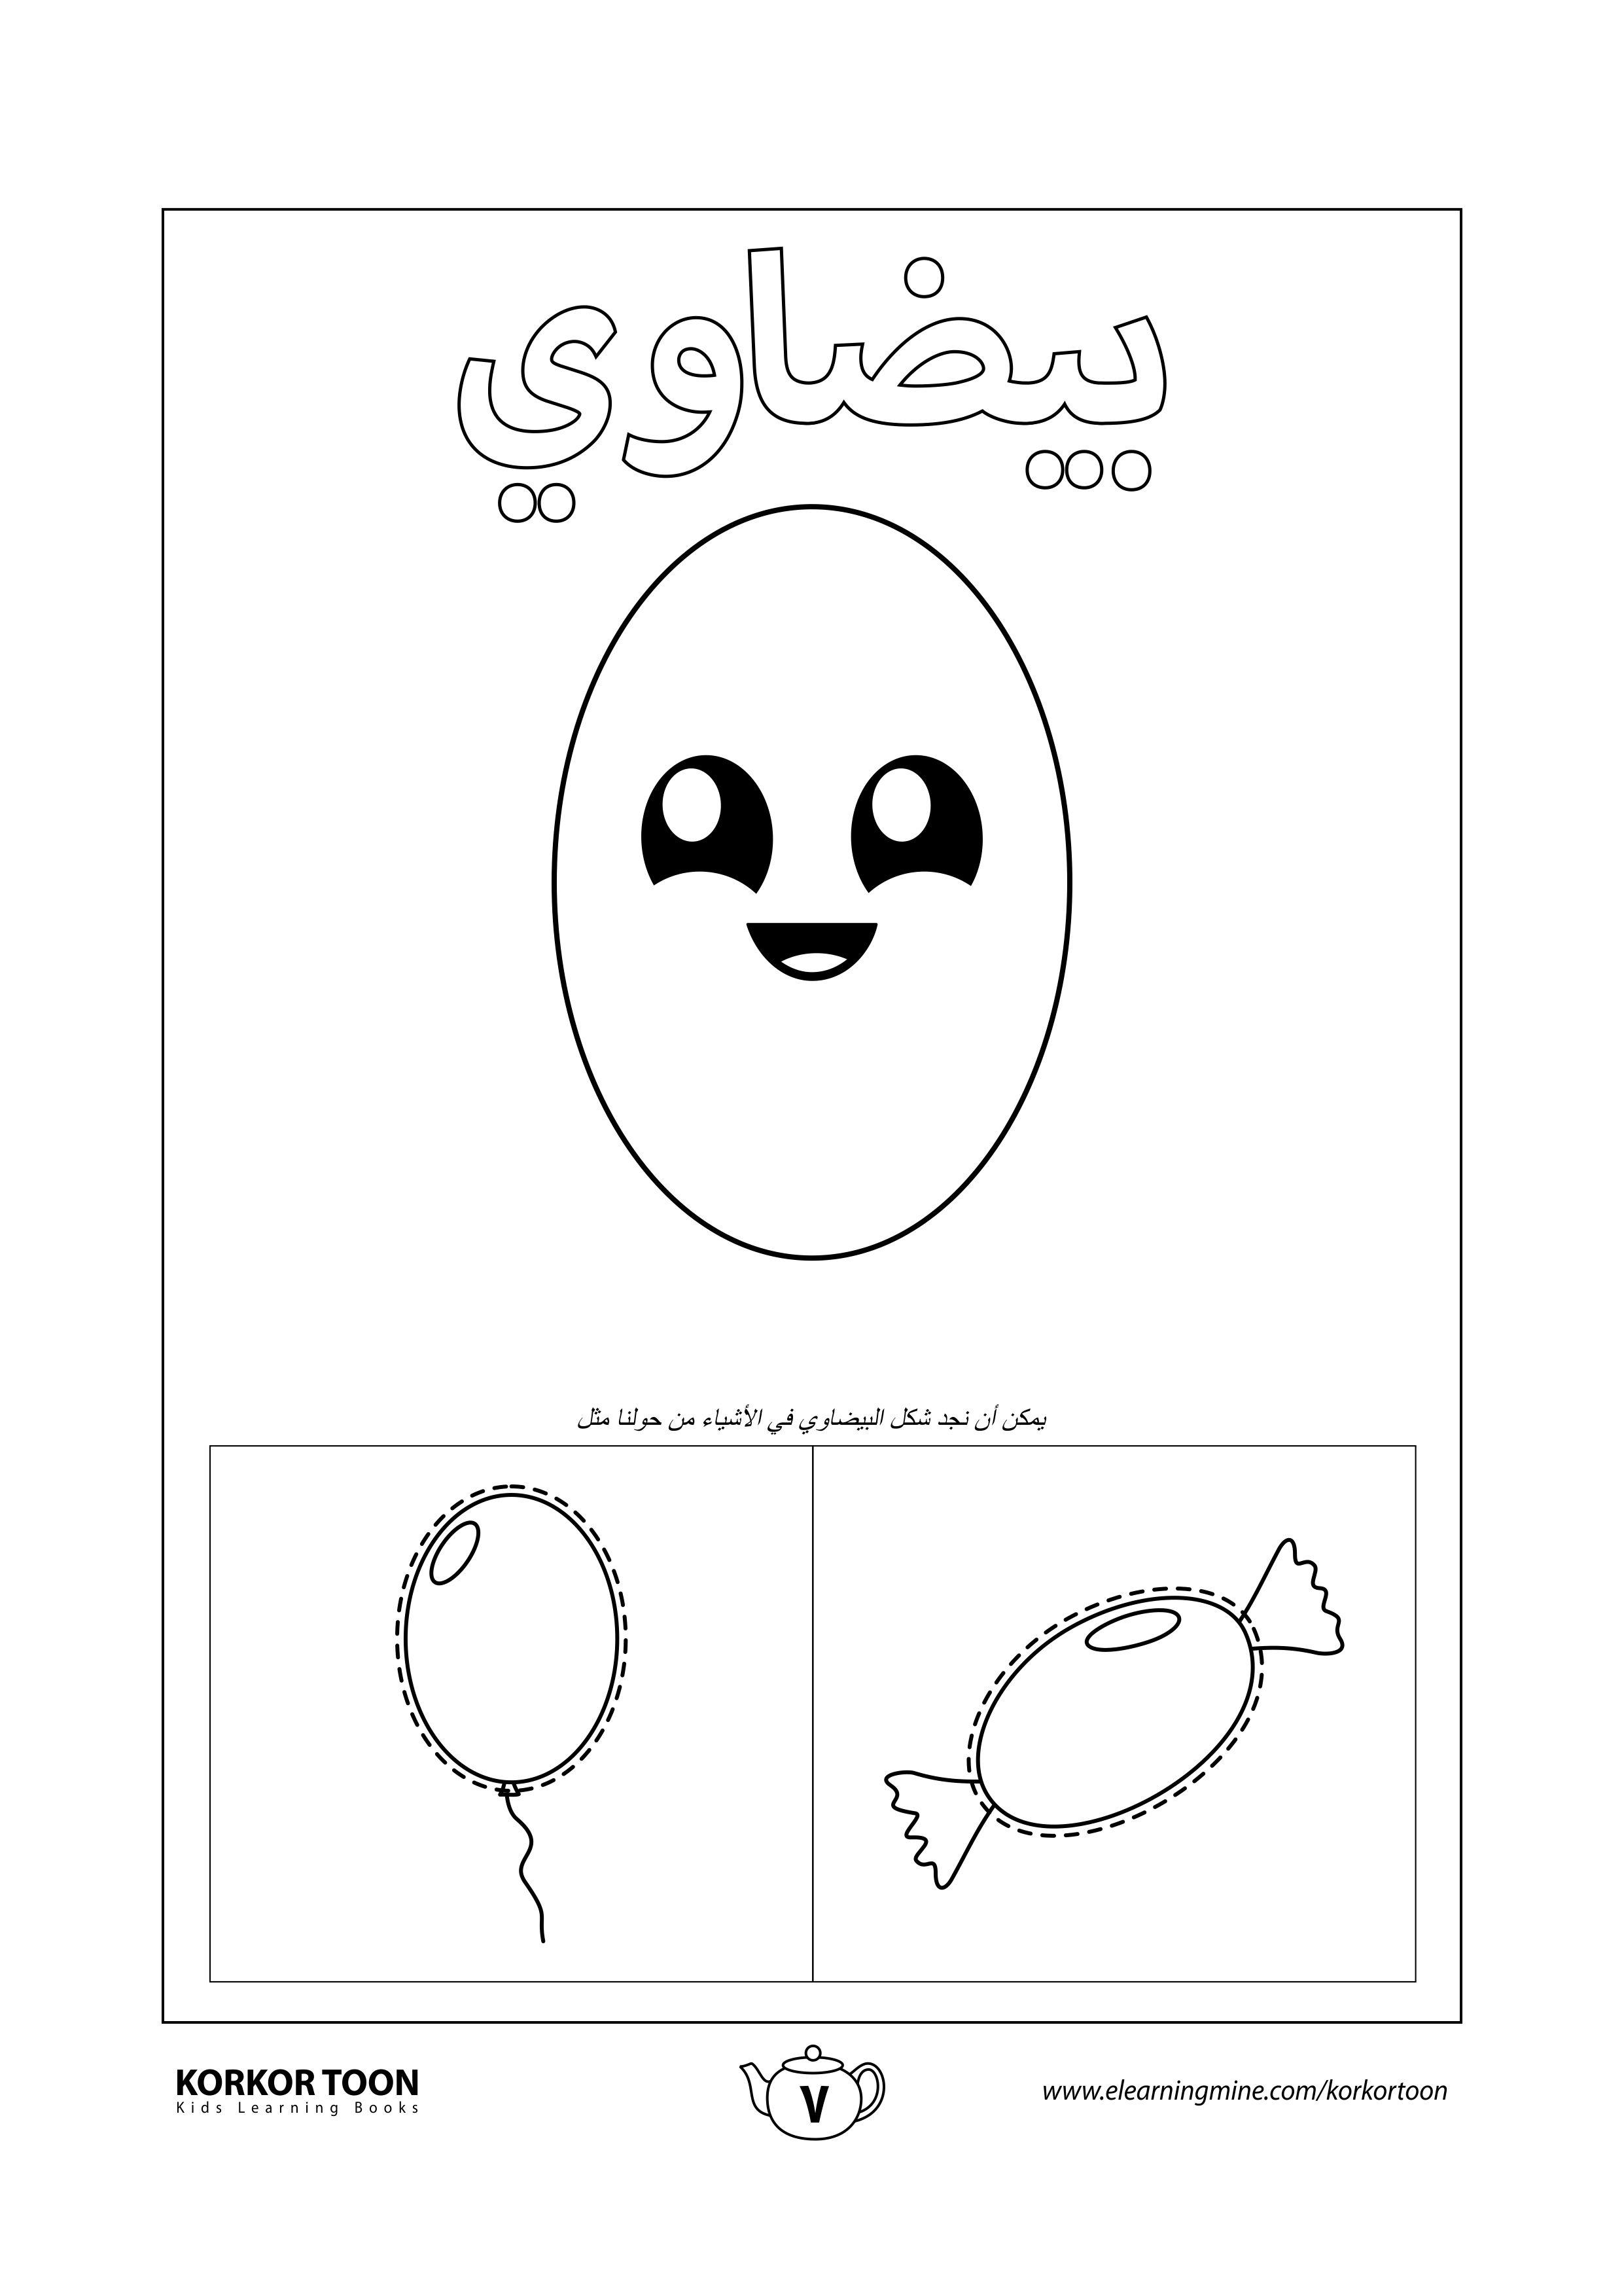 كتاب تلوين الأشكال الهندسية تلوين الشكل البيضاوي صفحة 7 Coloring Books Rainbow Cartoon Teaching Art